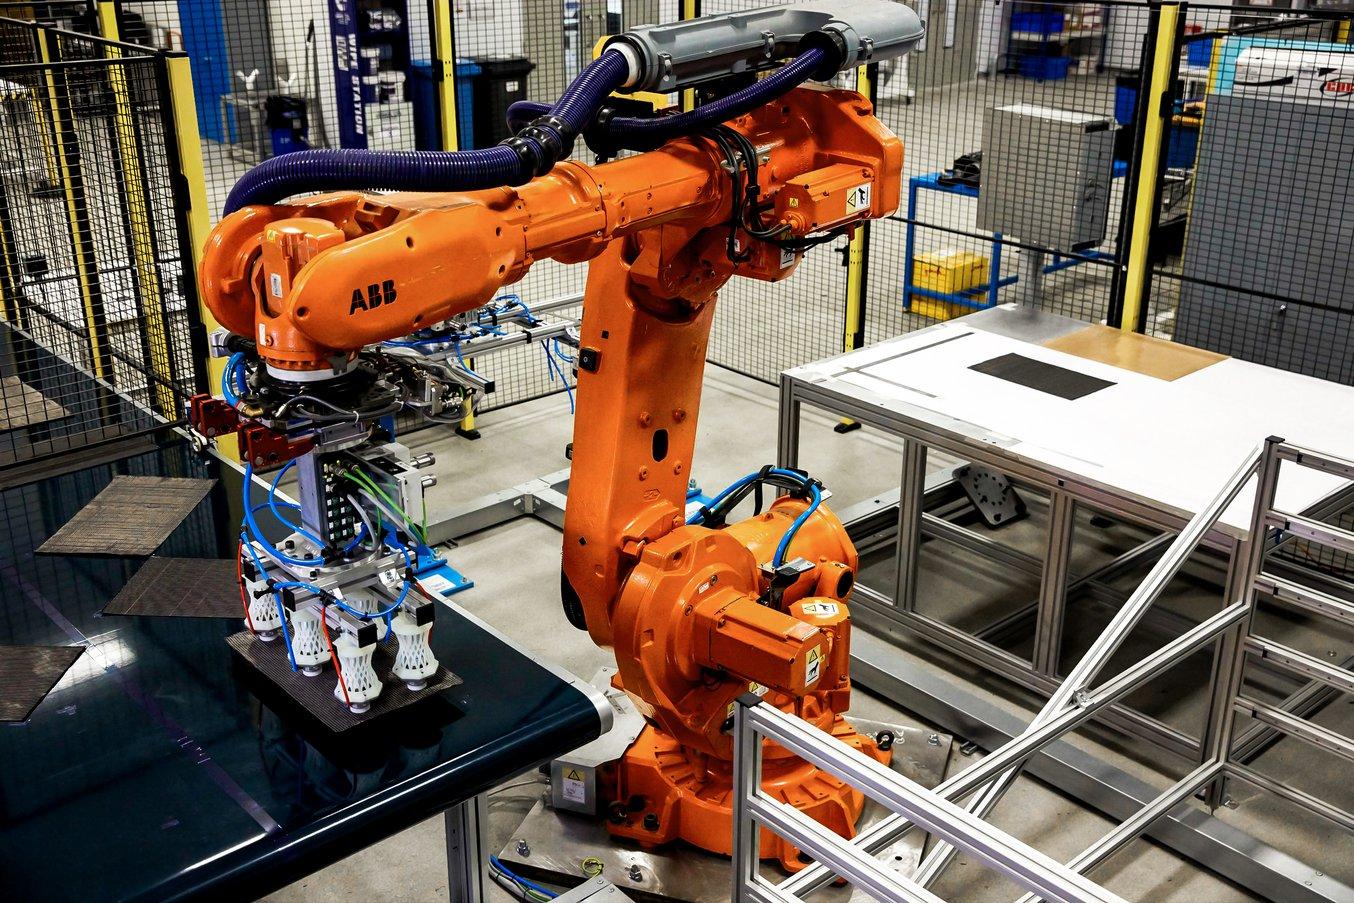 La cella robotica è progettata per automatizzare lo spostamento degli strati di composito. I fogli pretagliati entrano nella cella su un nastro trasportatore, da cui vengono prelevati tramite pinze fissate su un robot ABB a 5 assi, che sposta gli strati e